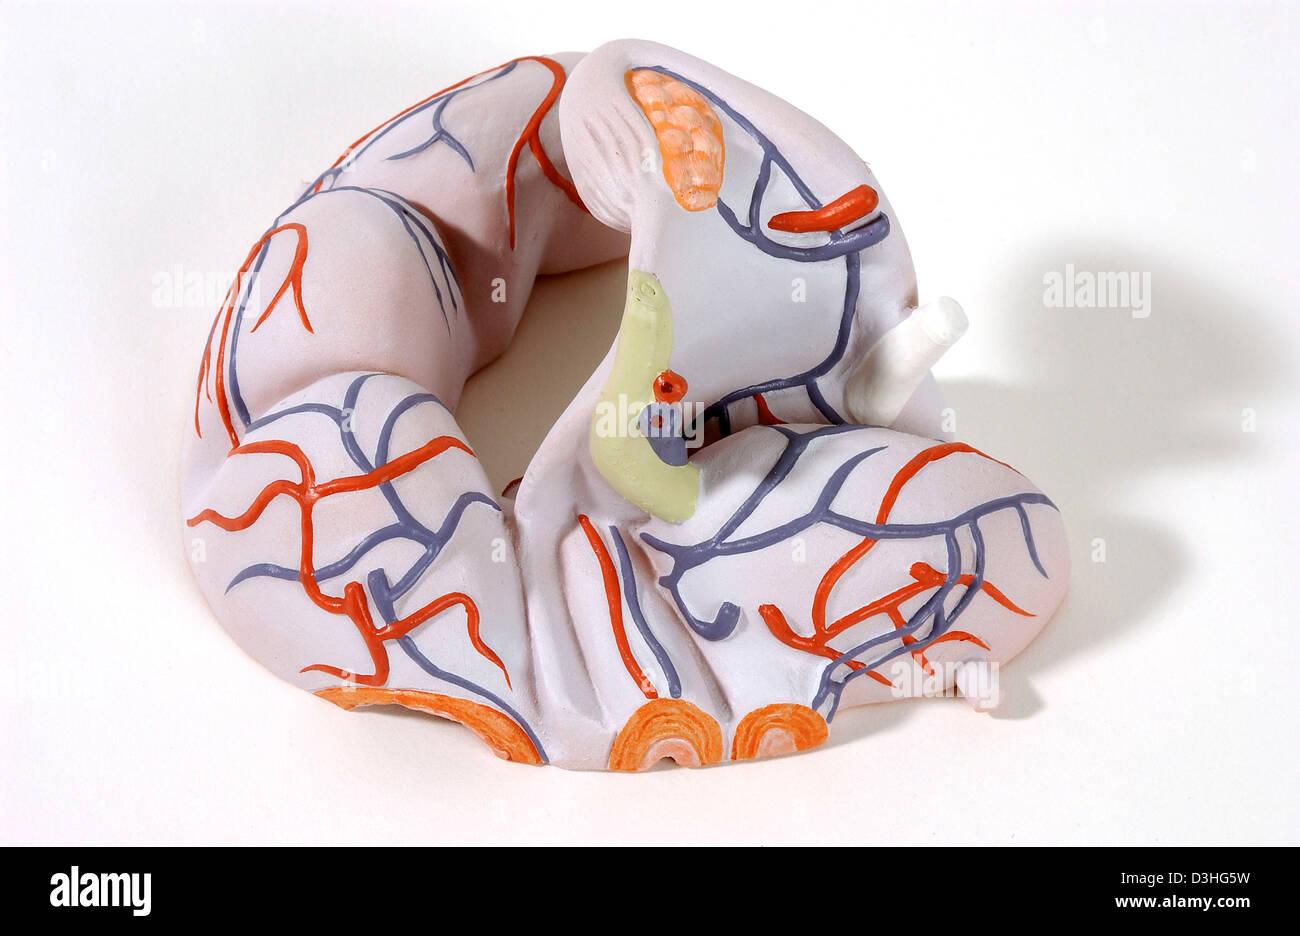 ANATOMY, FEMALE GENITALIA Stock Photo: 53860965 - Alamy